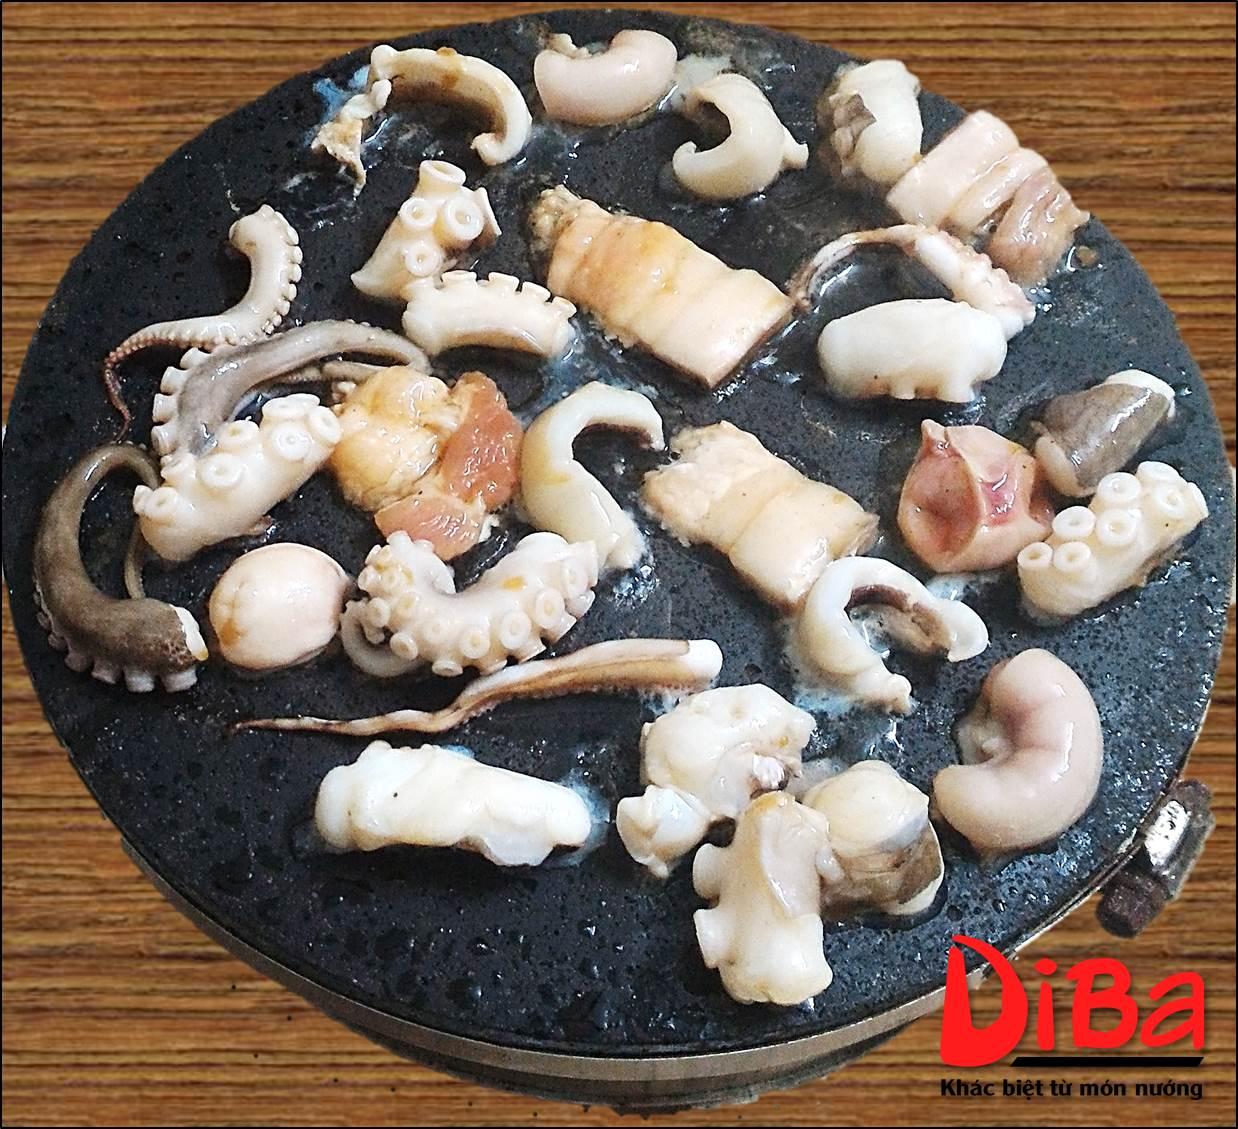 Việc lựa chọn đá nướng để chế biến món ăn là lưu ý hết sức quan trọng